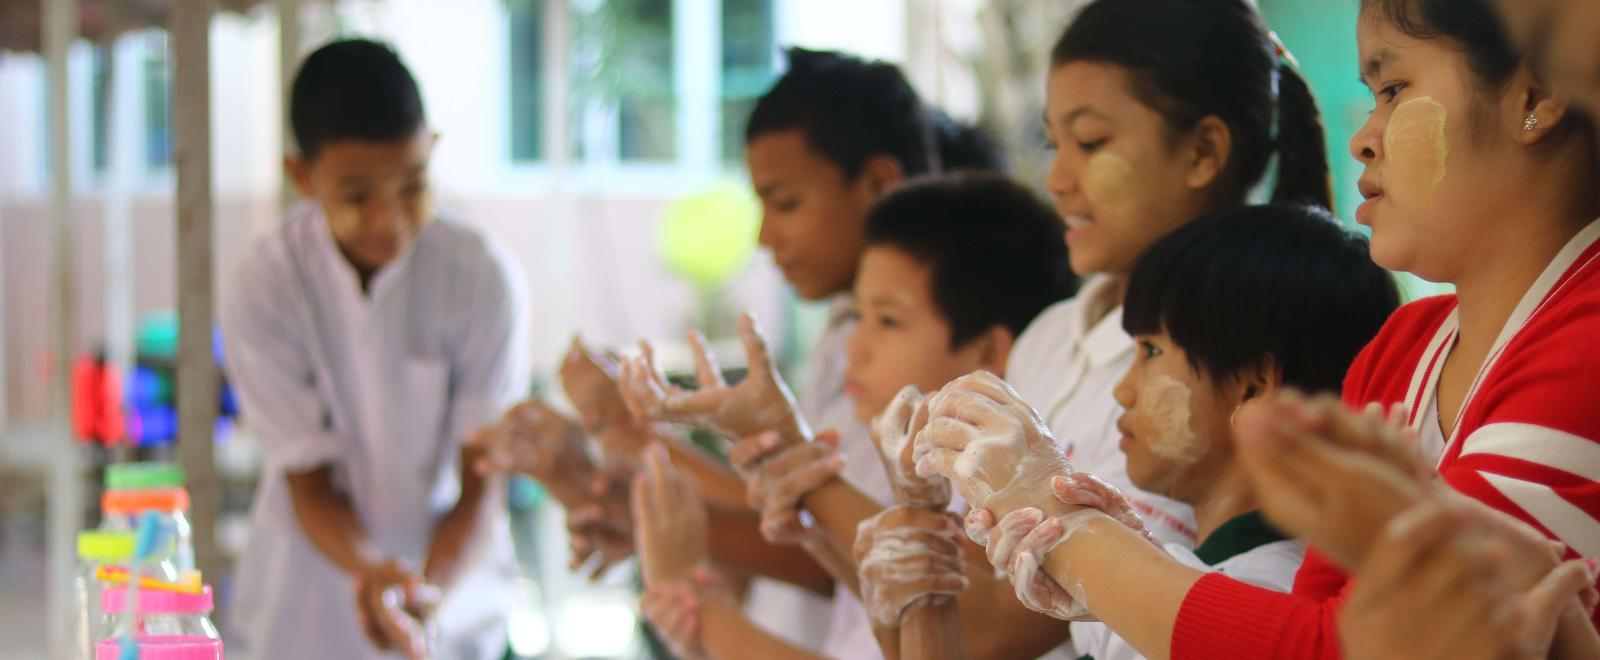 Niños en uno de nuestros proyectos de Voluntariado Social aprendiendo a lavarse las manos para evitar la propagación de enfermedades.